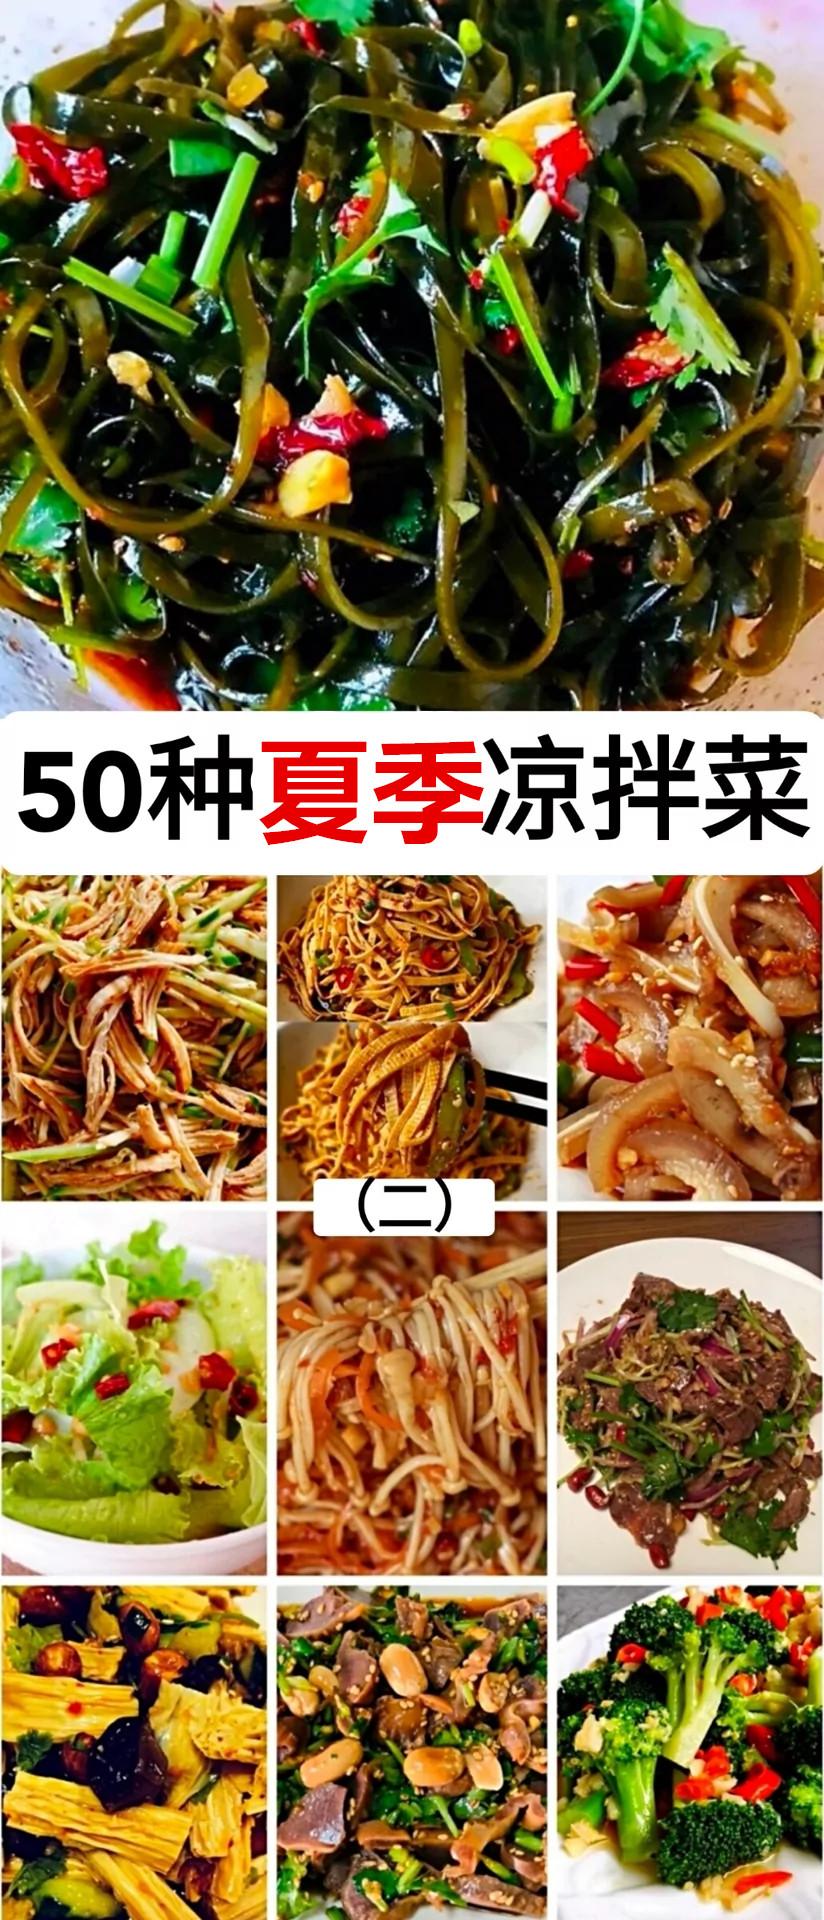 凉菜菜谱家常做法 美食做法 第1张